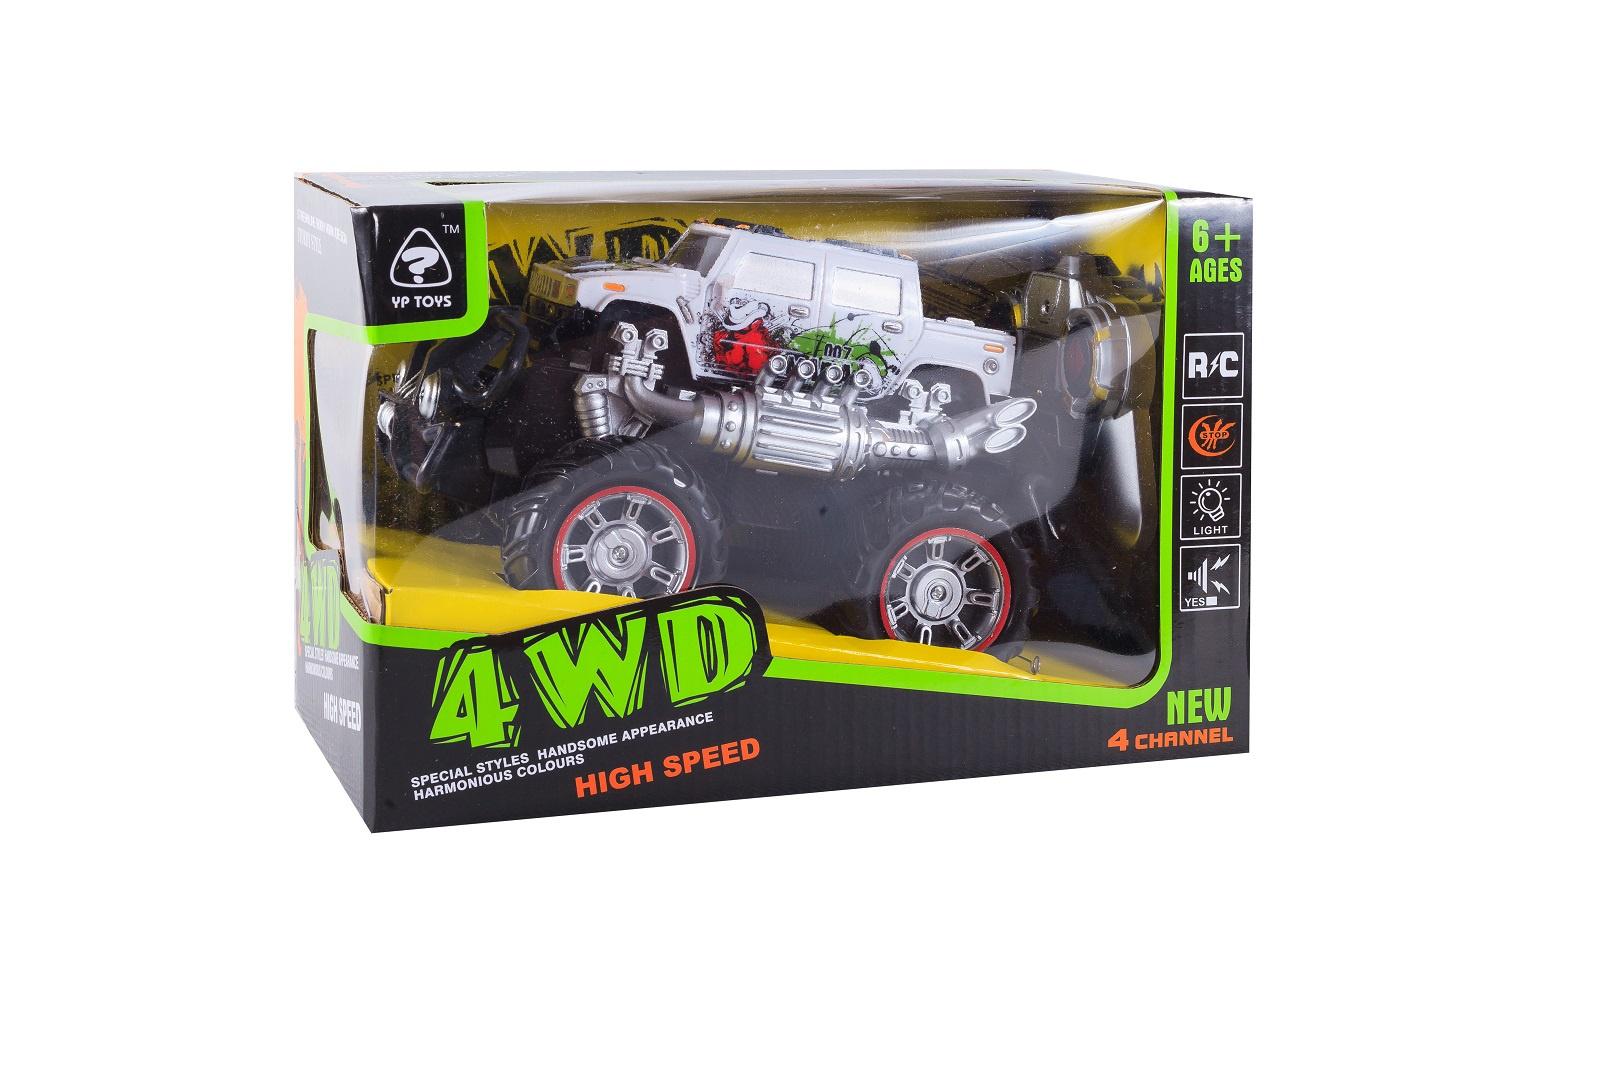 цена на Машинка радиоуправляемая S+S Toys, 100692020, белый